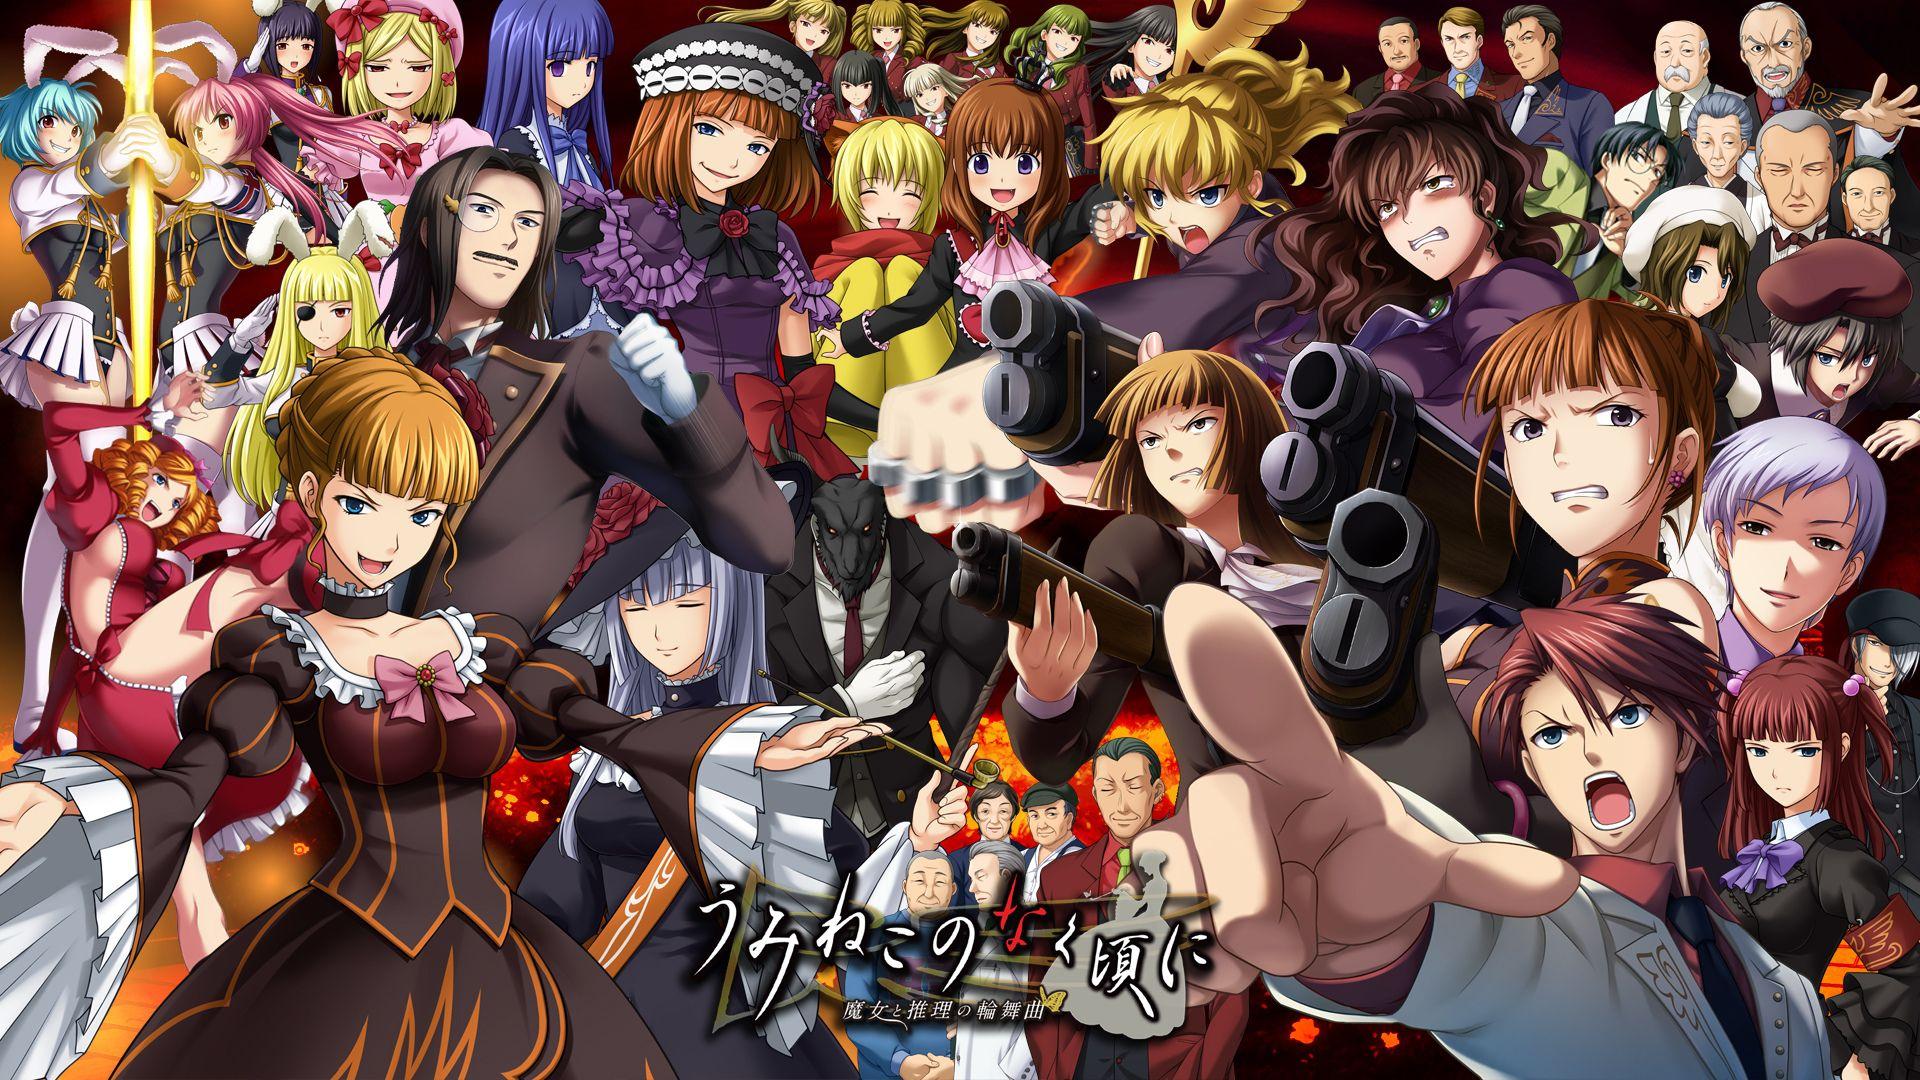 Chán ngủ? Đây là những bộ phim hoạt hình anime kinh dị dành cho bạn! (7)